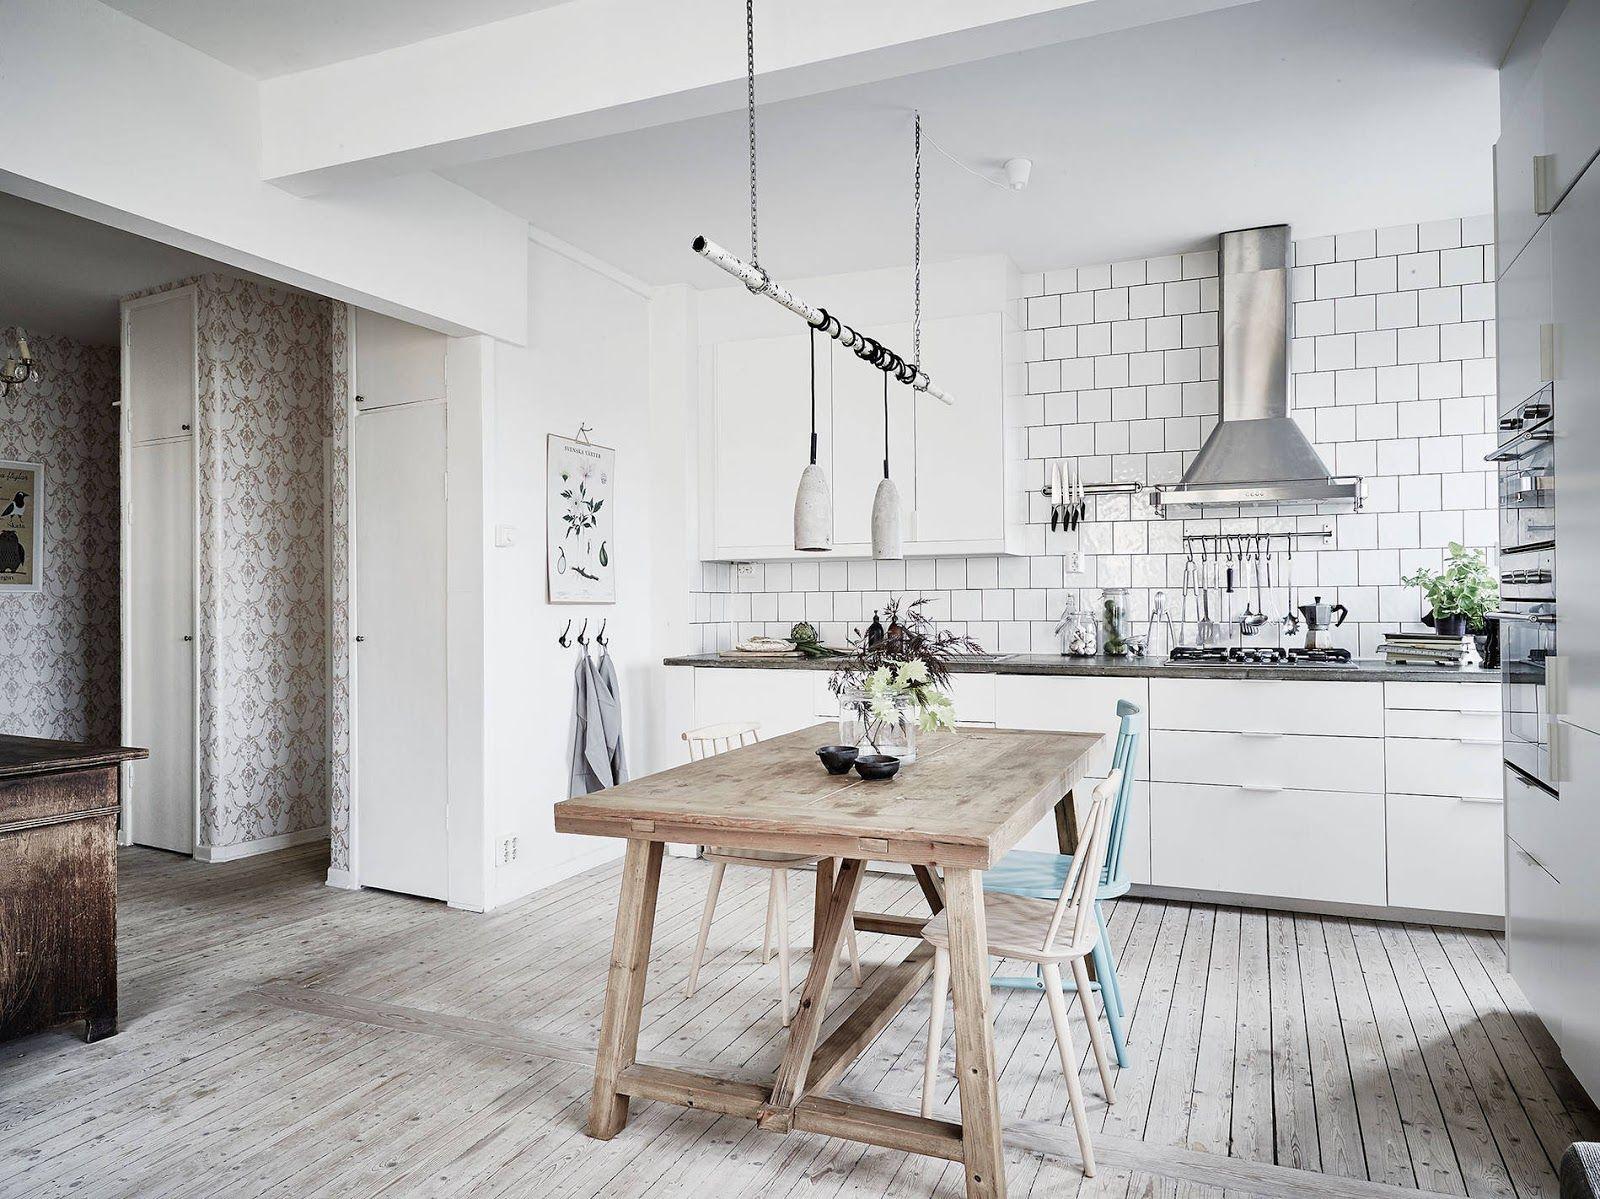 Mieszkanie W Stylu Skandynawskim Jak Urzadzic Mieszkanie W Stylu Skandynawskim Drewniana P Scandinavian Interior Design Scandinavian Interior Interior Design